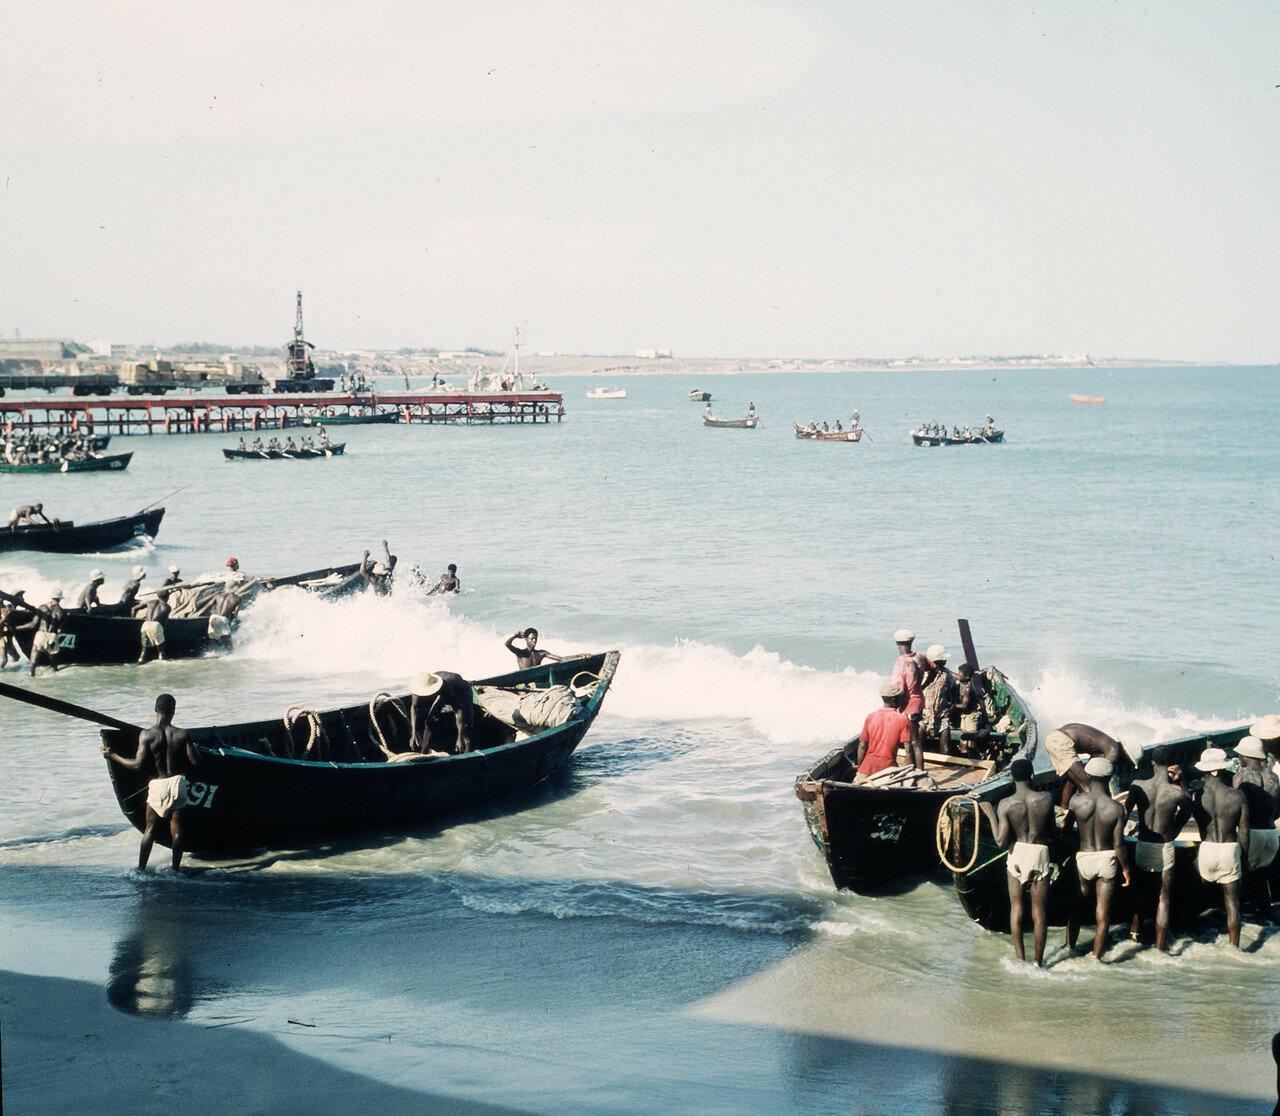 Погрузка и разгрузка прибойных шлюпок на берегу. 20 апреля